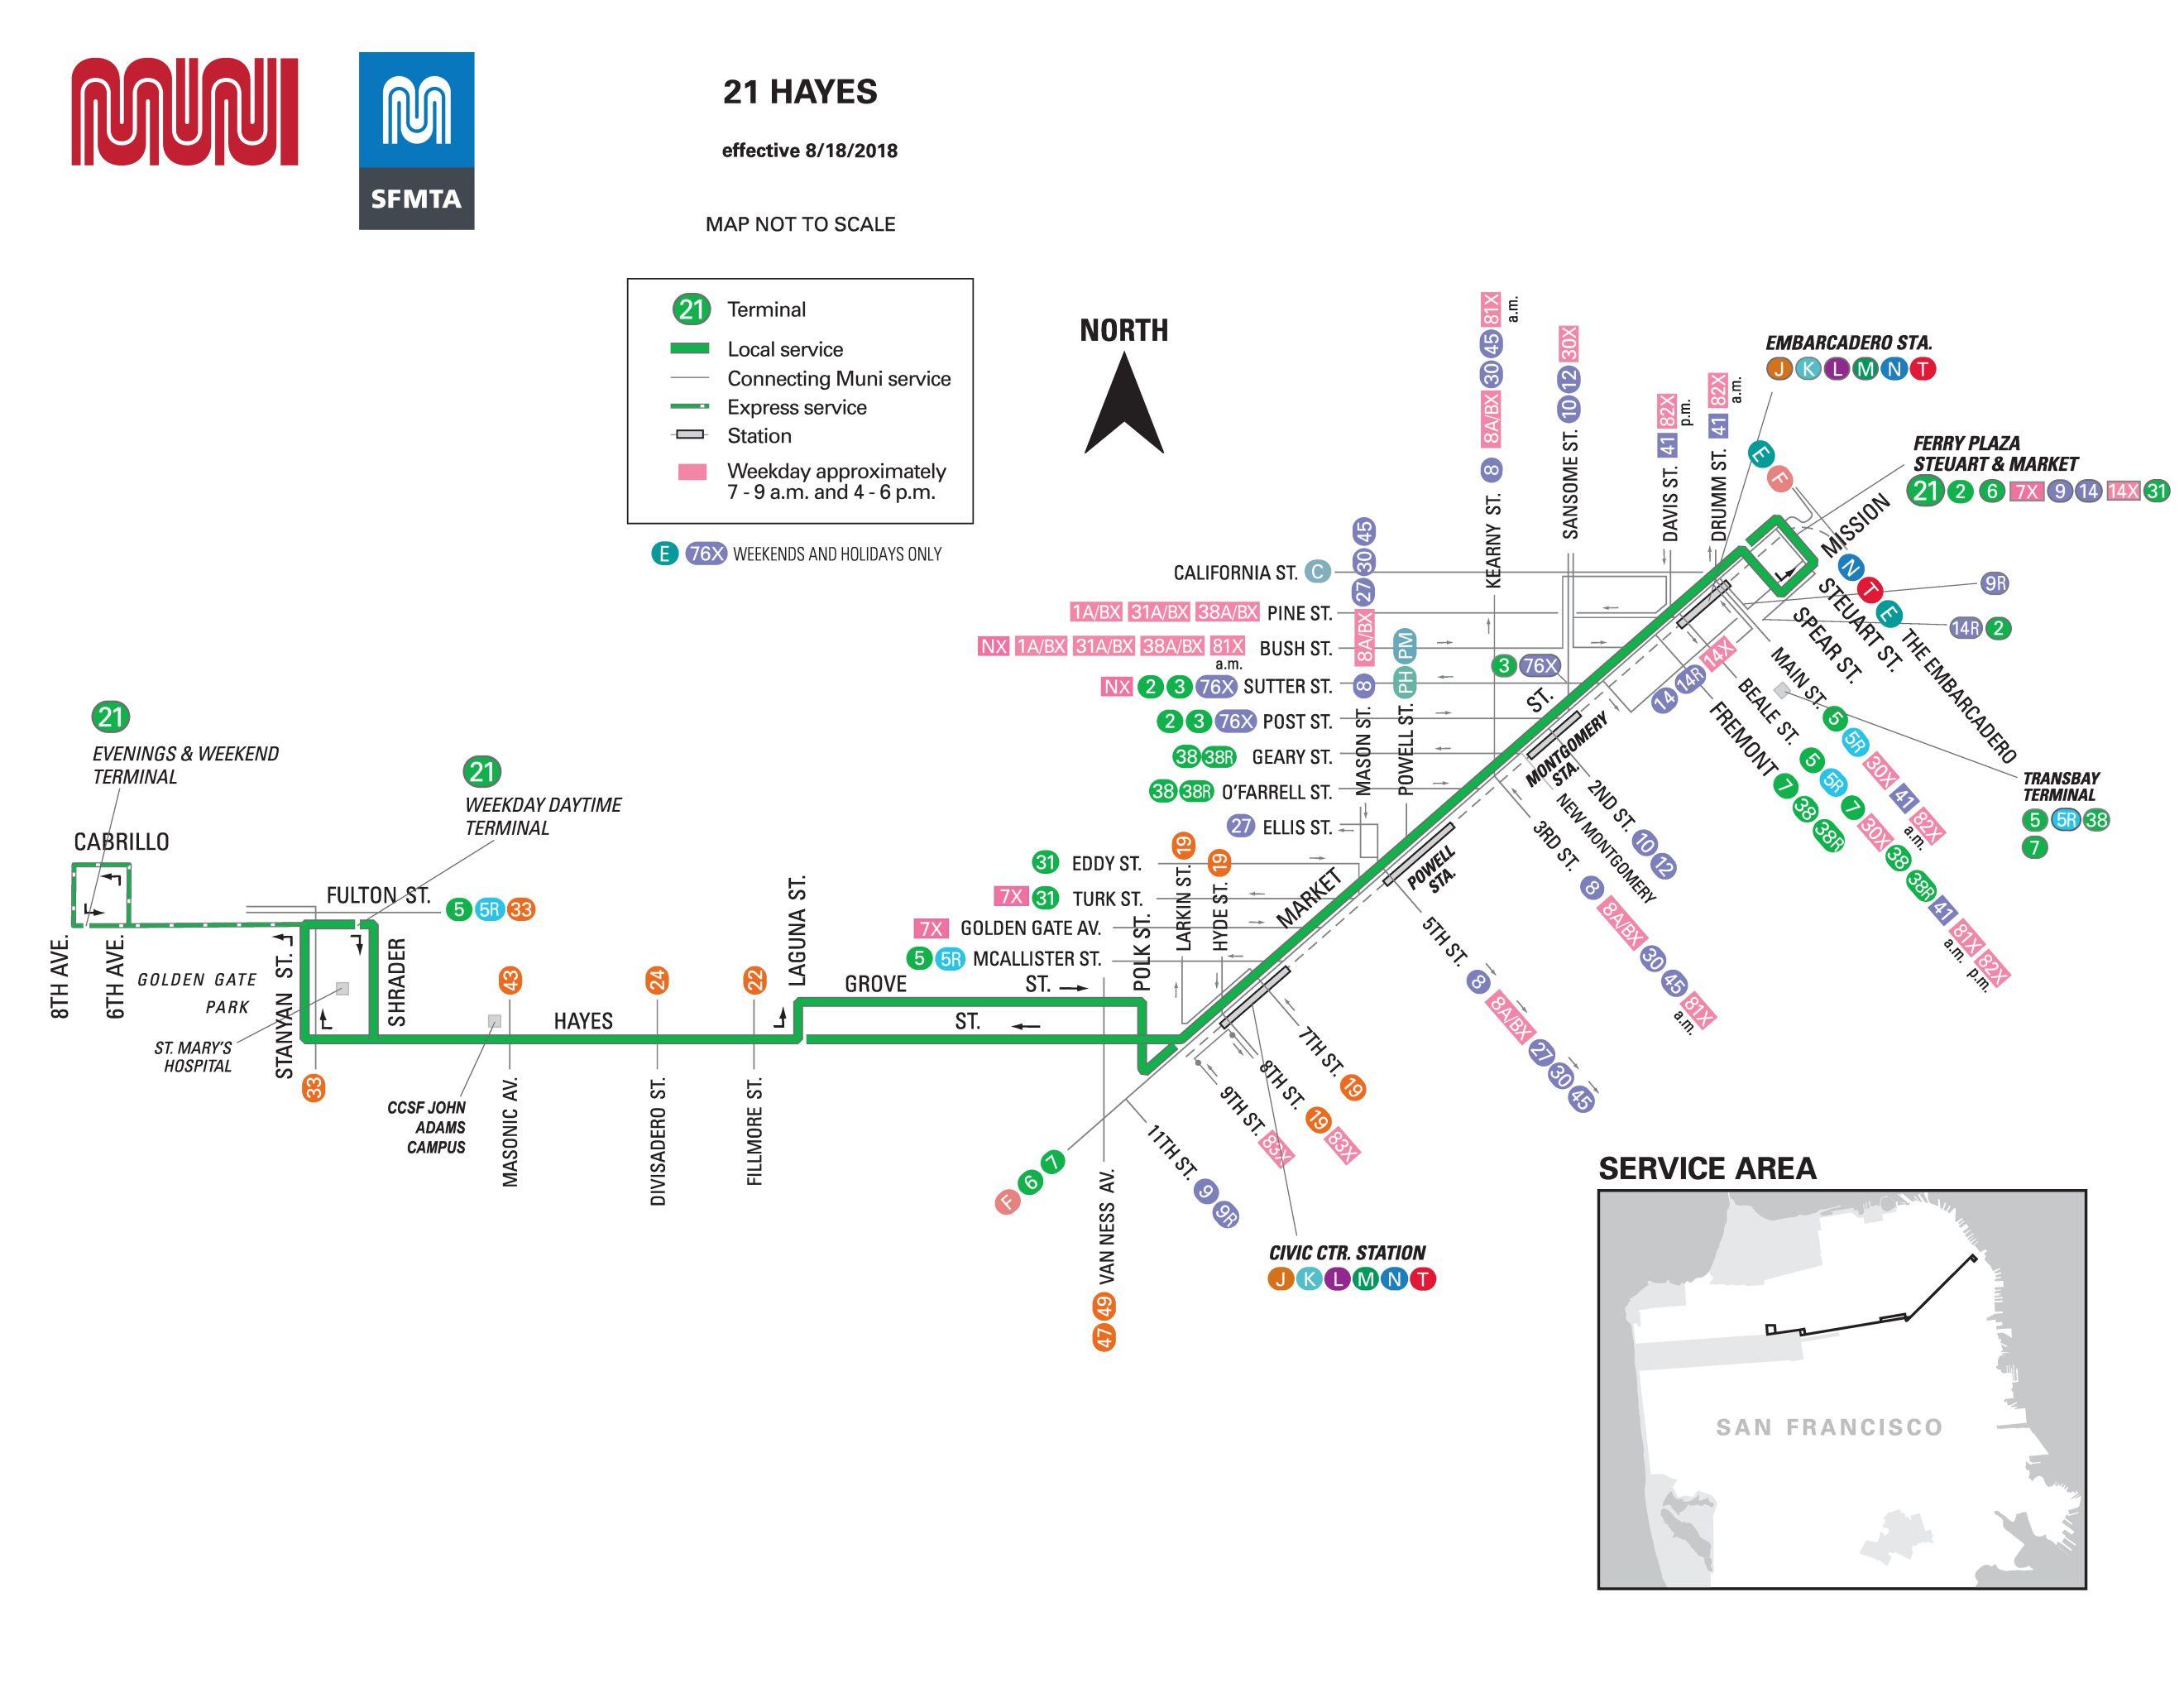 21-hayes bus schedule - sf muni - sf bay transit